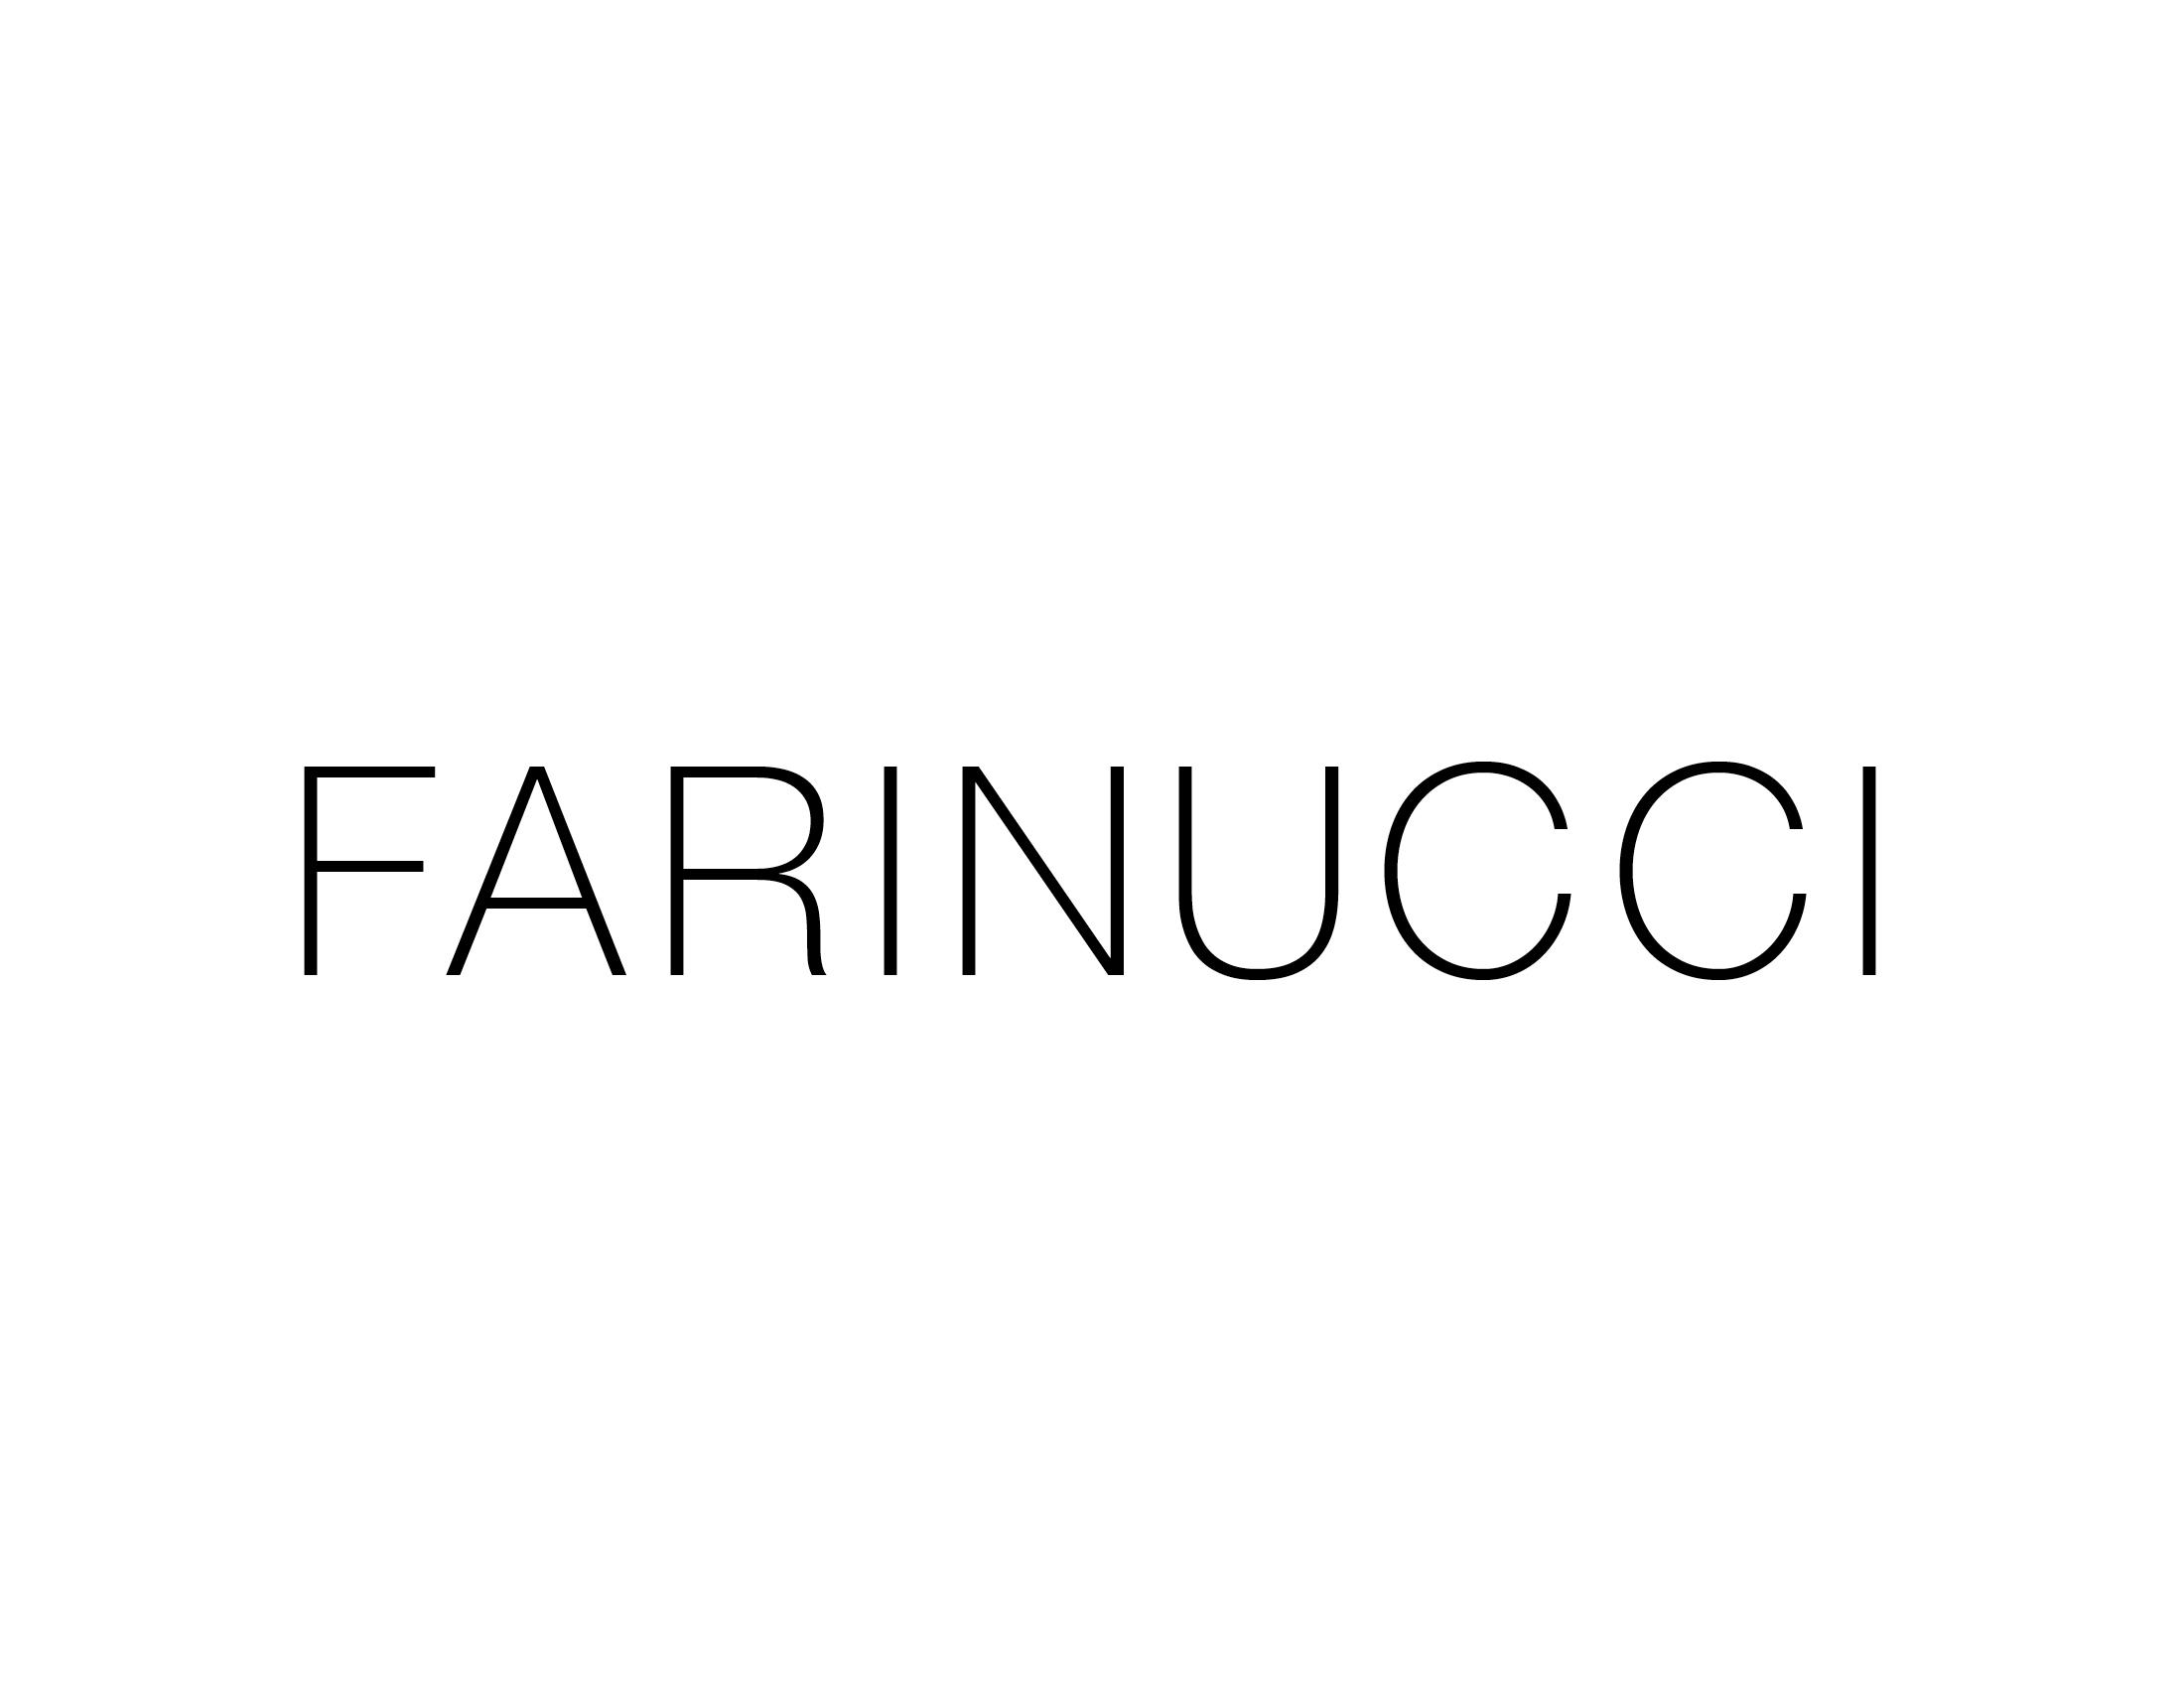 Farinucci